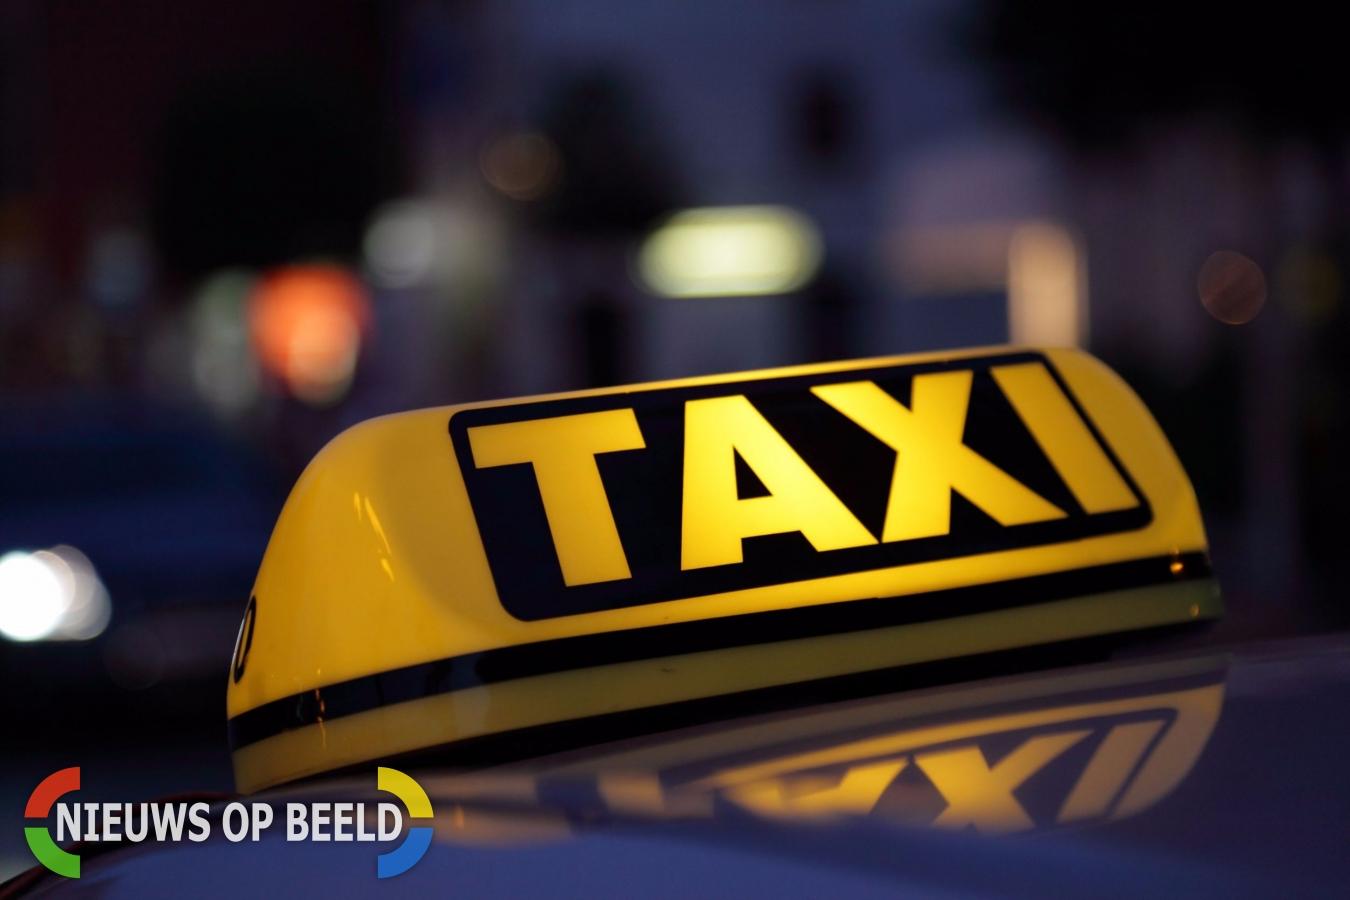 Demonstratie taxichauffeurs in Den Haag verboden door gemeente